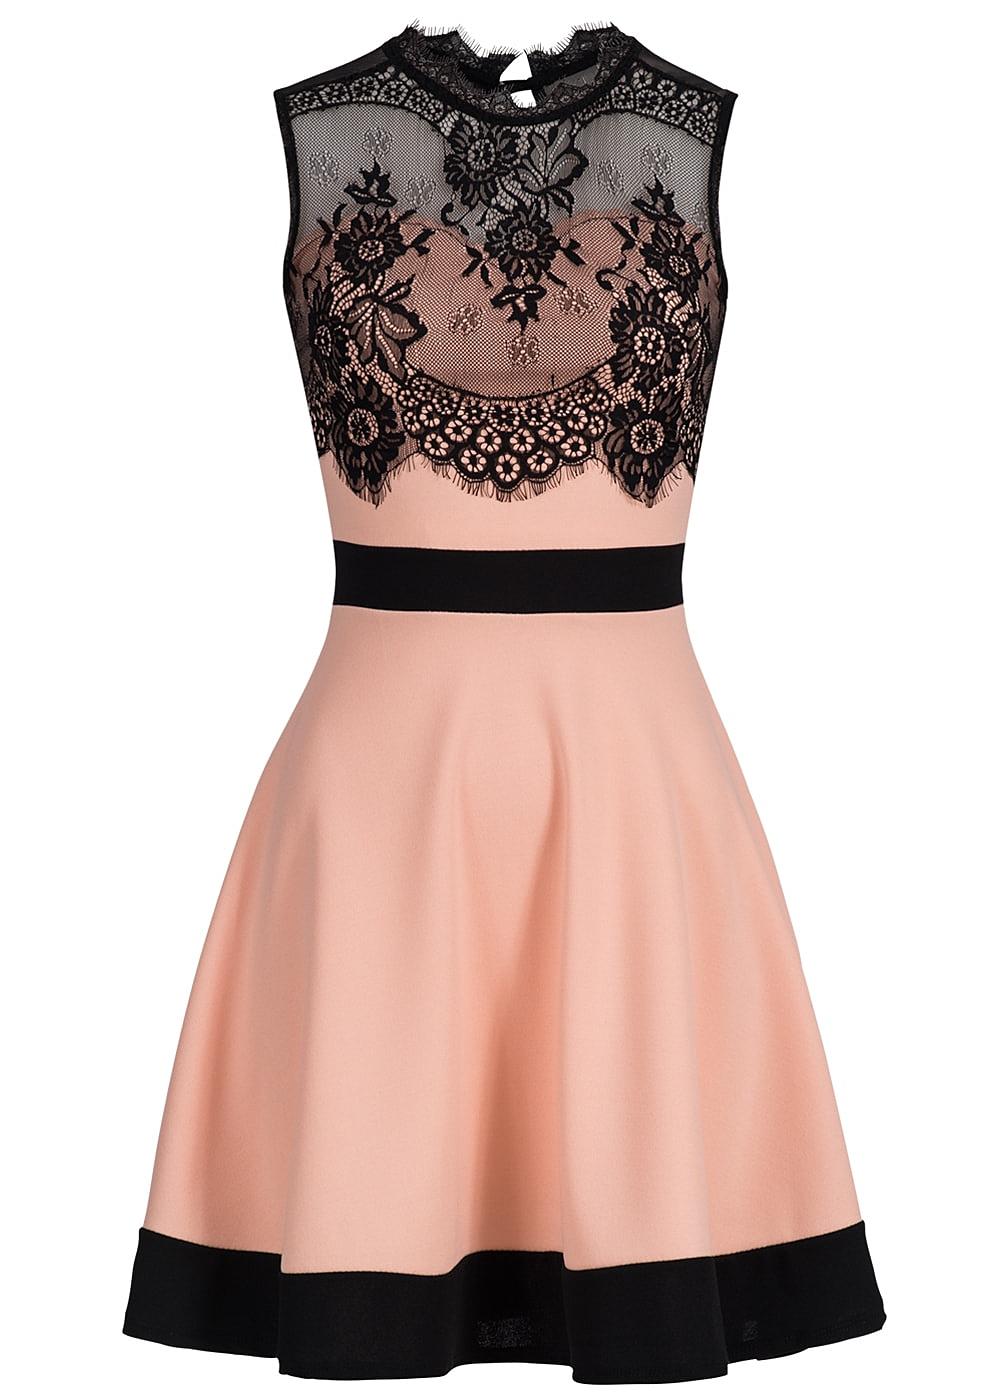 styleboom fashion damen mini kleid spitze r ckenausschnitt rosa schwarz 77onlineshop. Black Bedroom Furniture Sets. Home Design Ideas